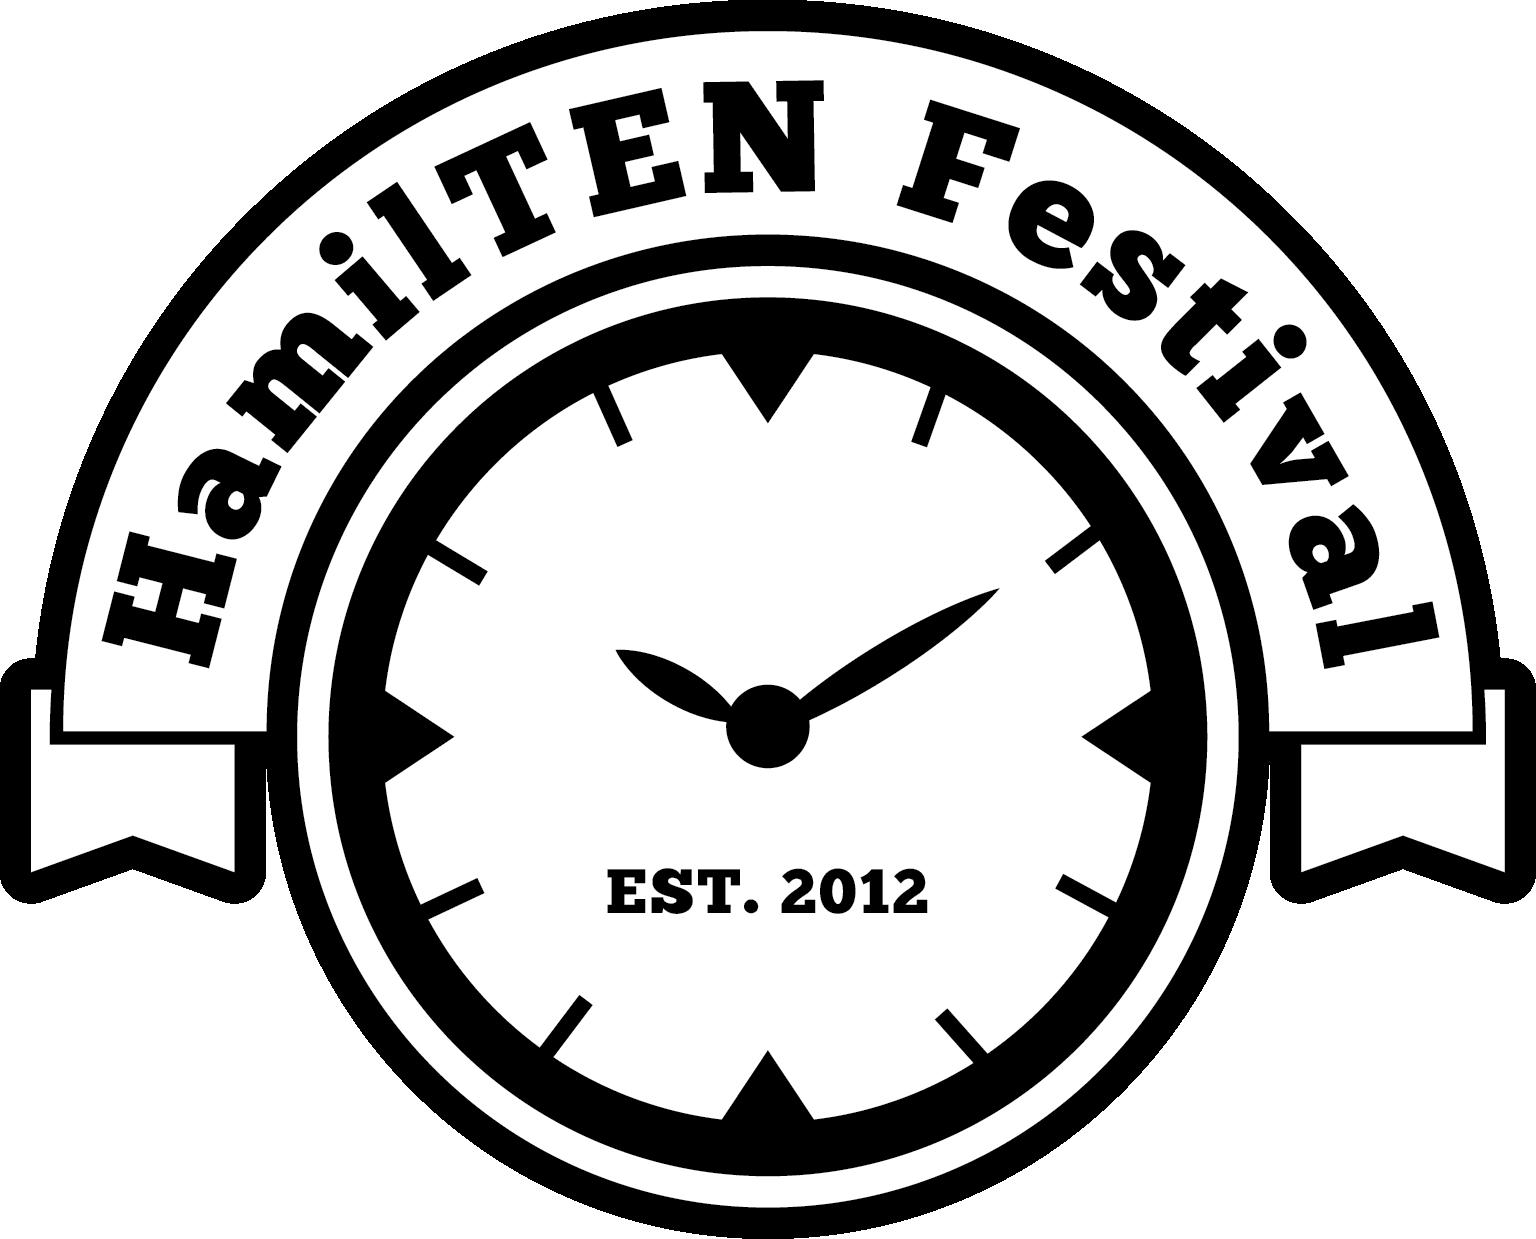 HamilTEN Theatre Festival